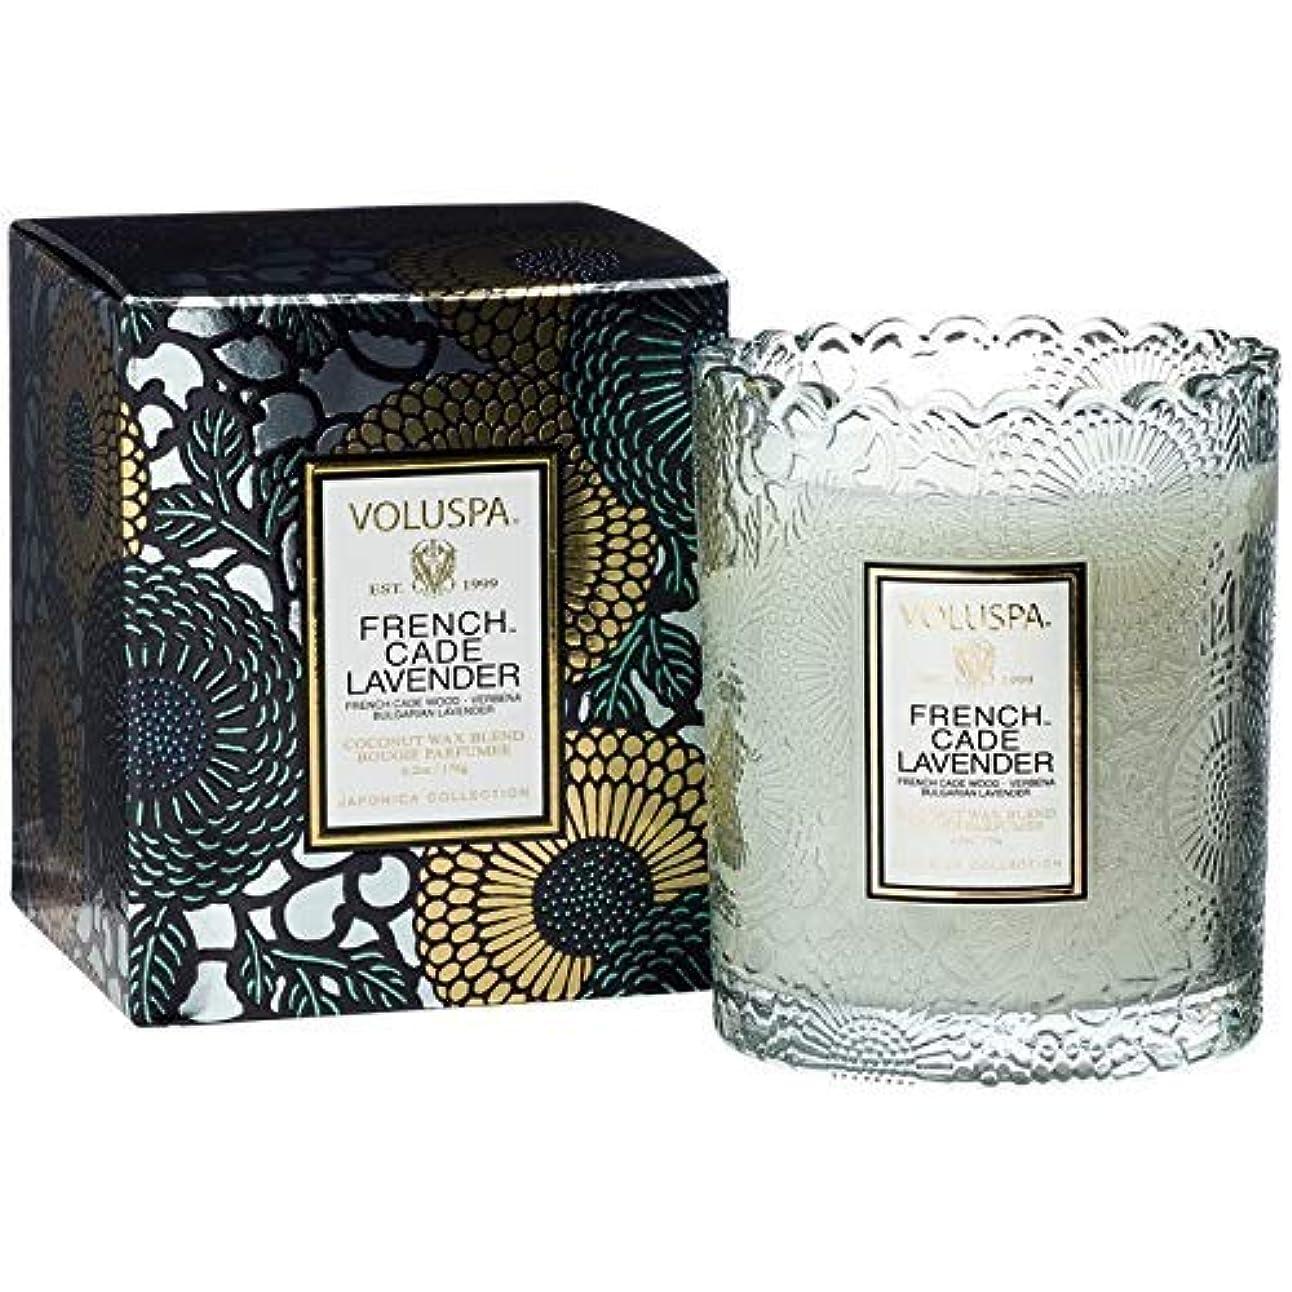 ゲインセイ熟達したそばにVoluspa ボルスパ ジャポニカ リミテッド スカラップグラスキャンドル  フレンチケード&ラベンダー FRENCH CADE LAVENDER  JAPONICA Limited SCALLOPED EDGE Glass Candle